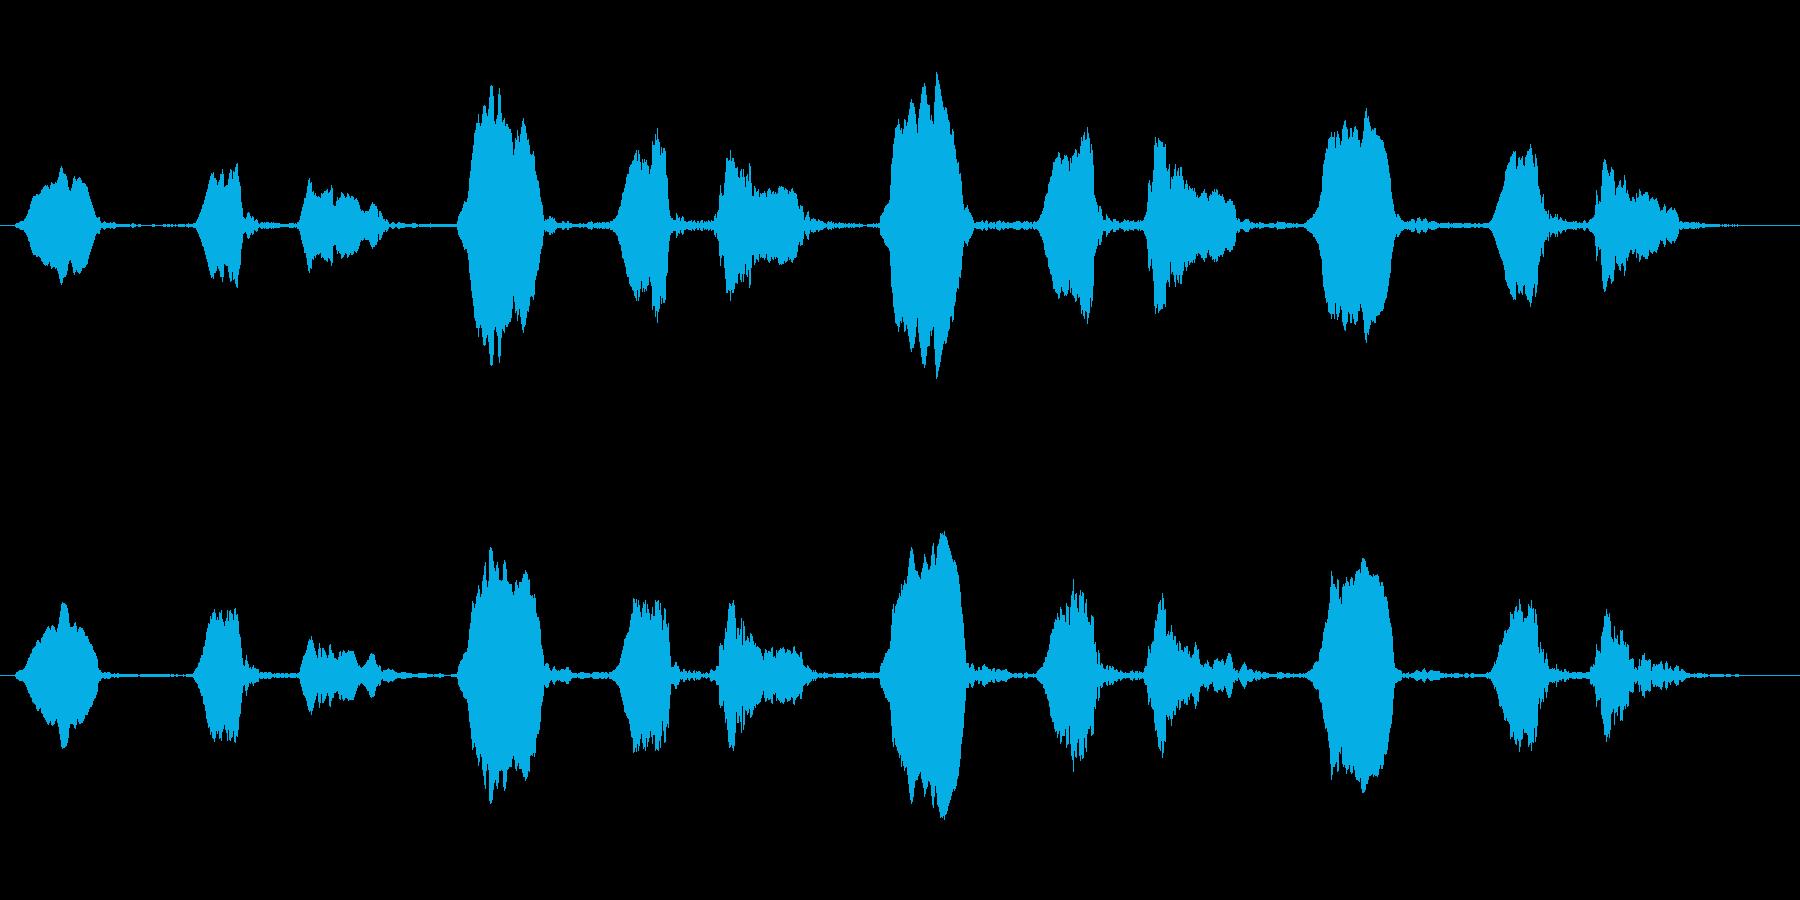 ヒガラのさえずり(ツピン ツピン)の再生済みの波形